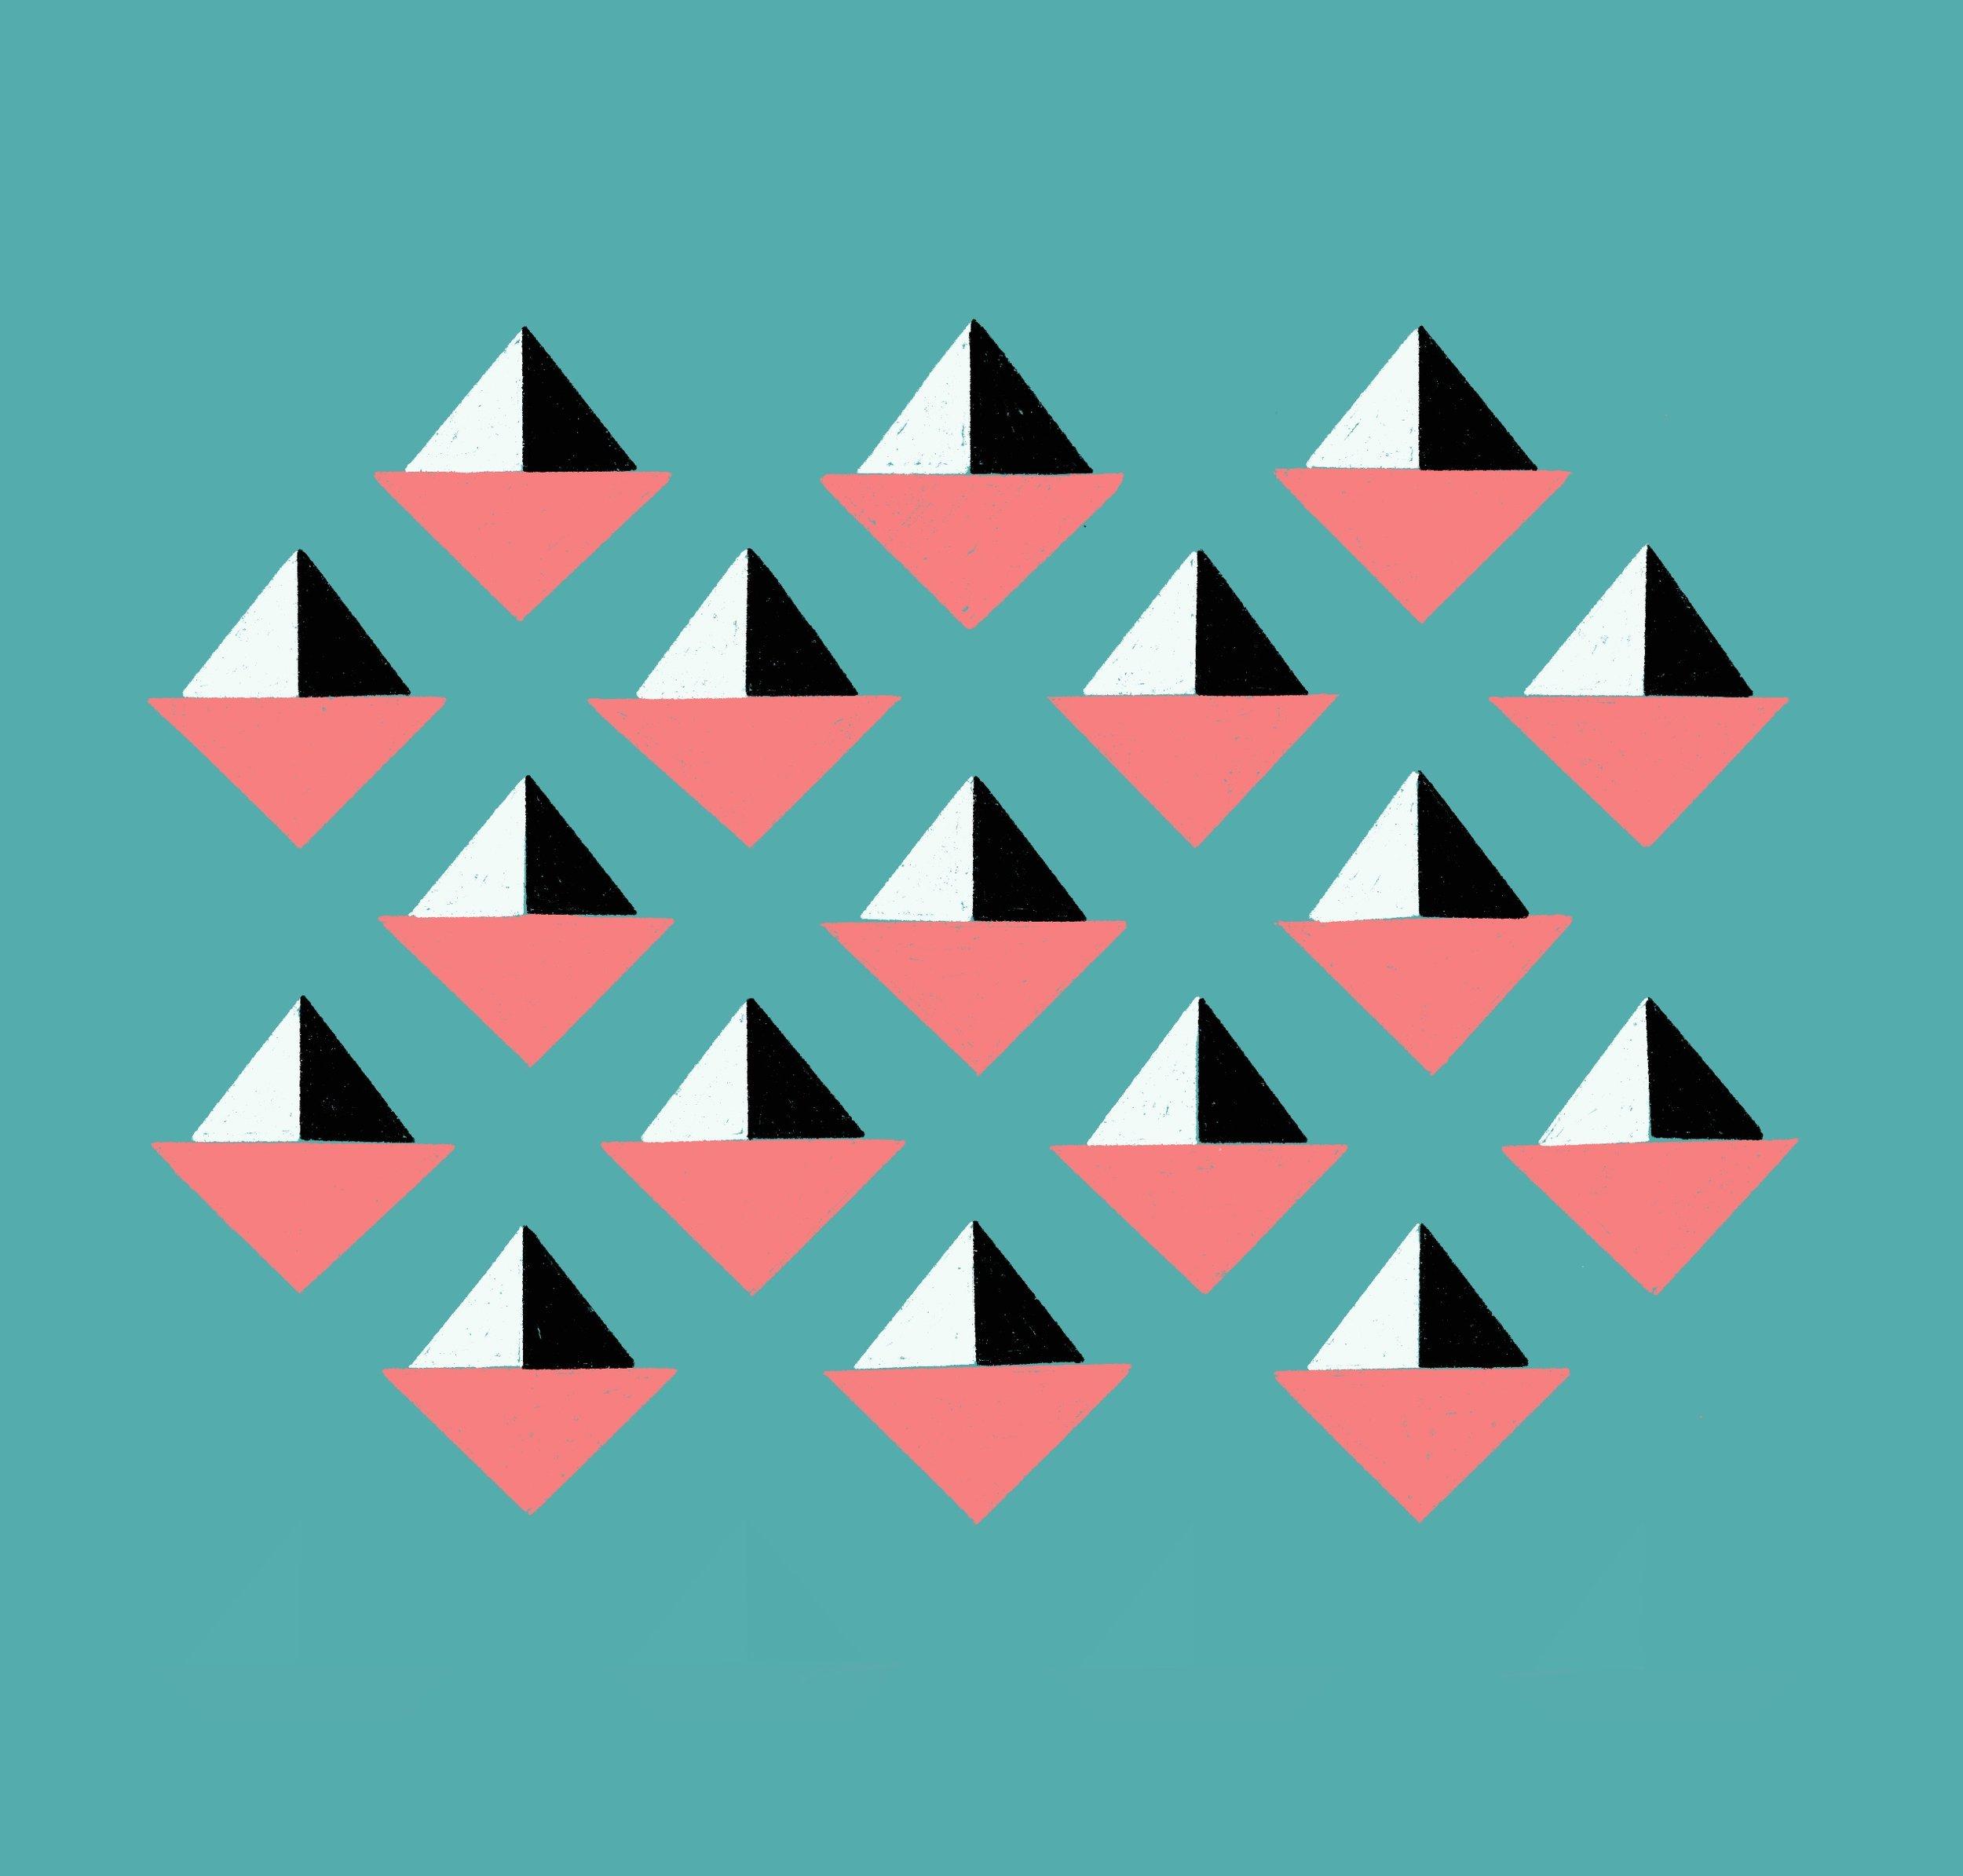 Seed_Packet_Pattern_#3-2.jpg